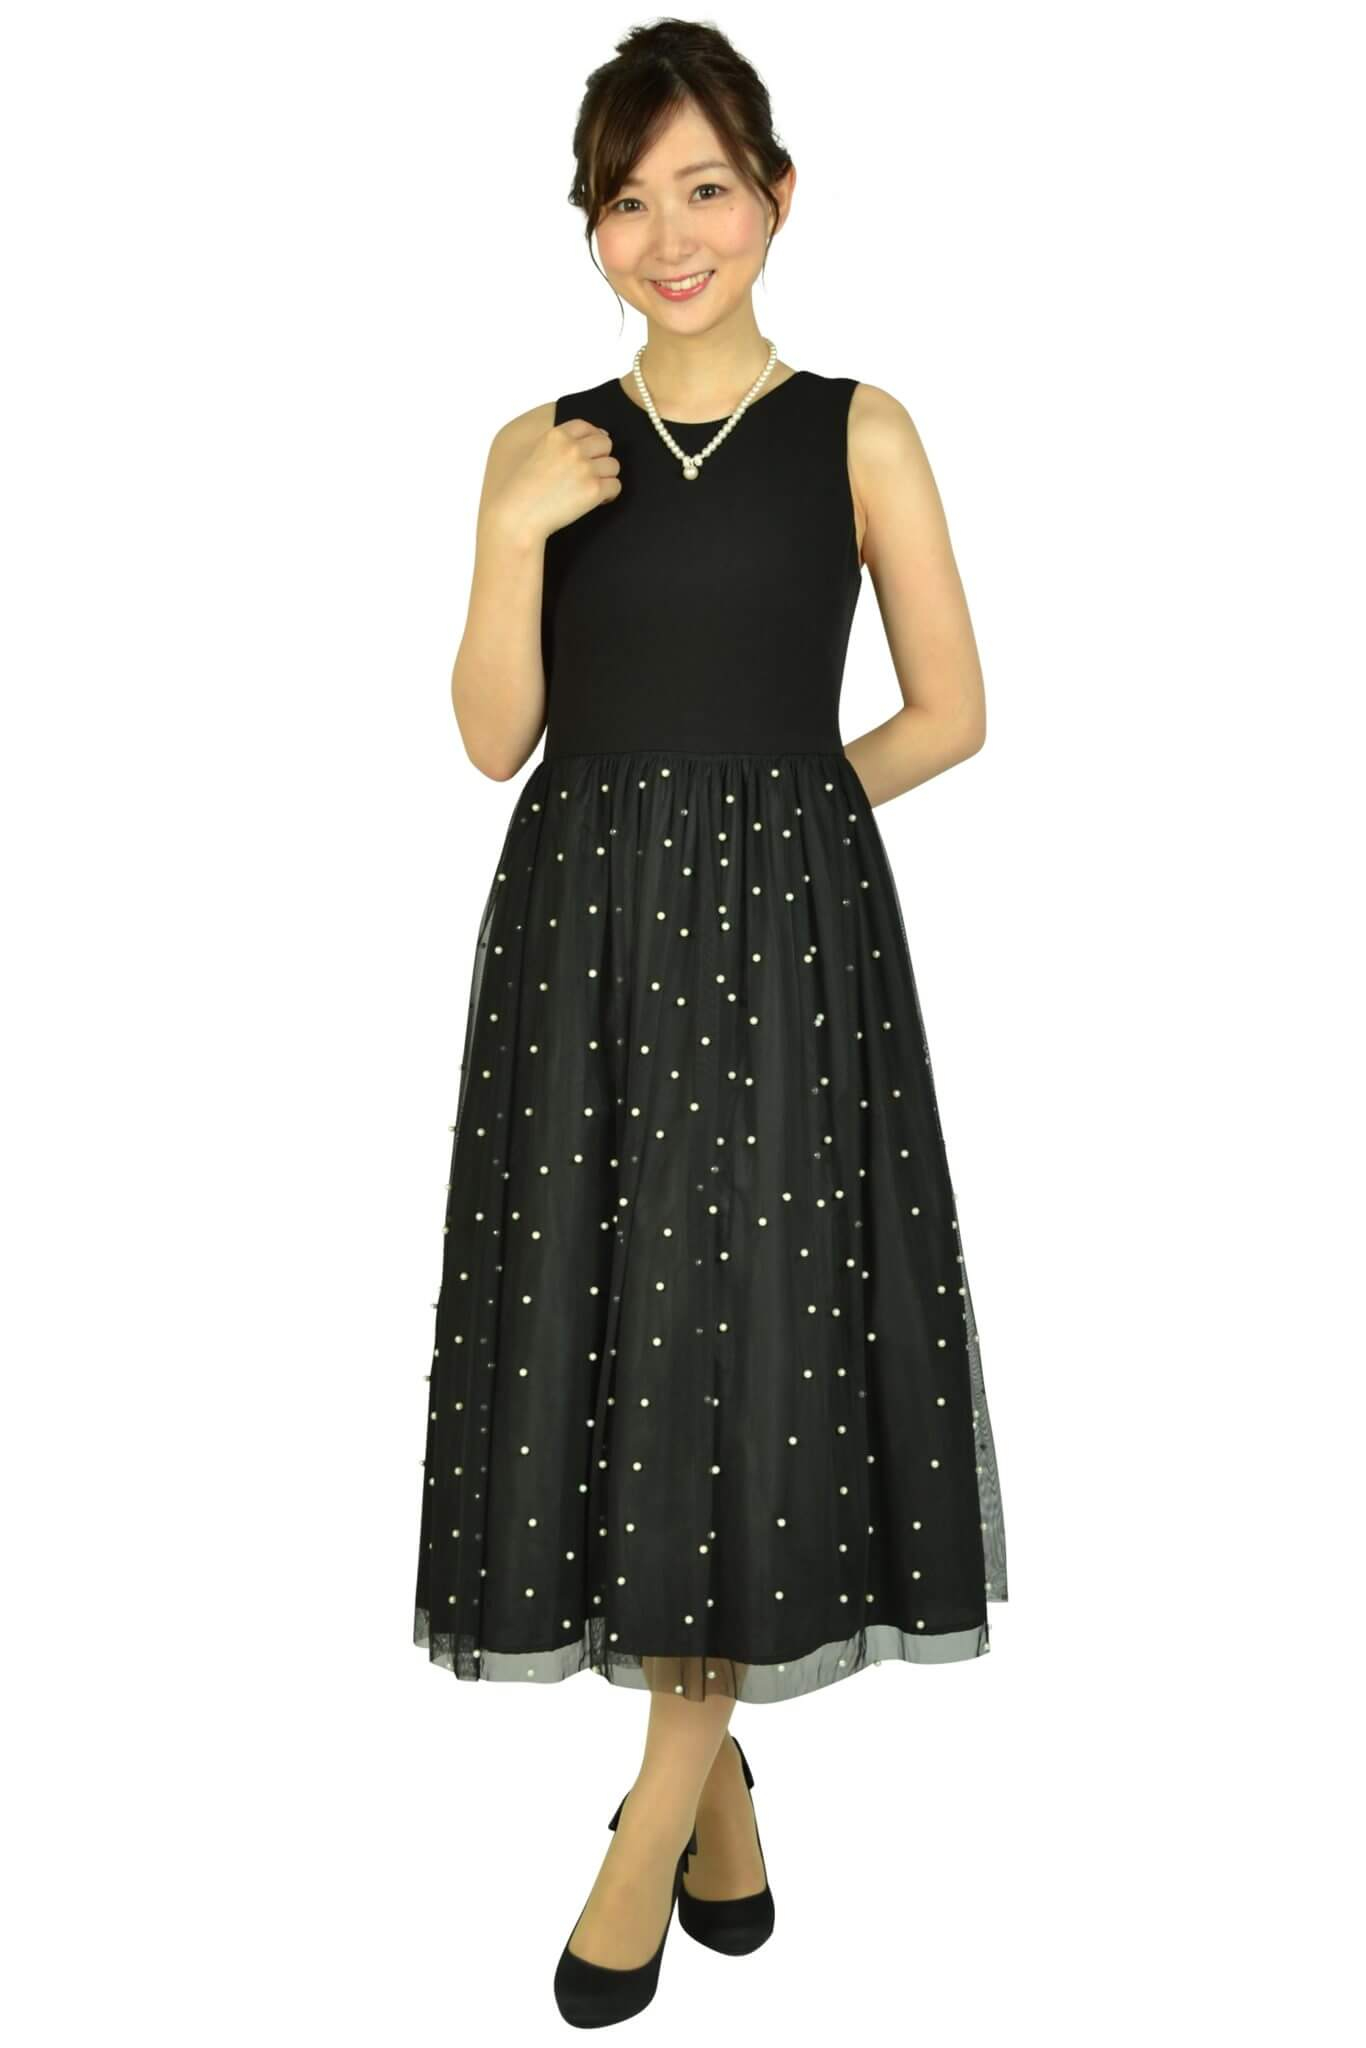 カルバンクライン (Calvin Klein)パールチュールブラックドレス